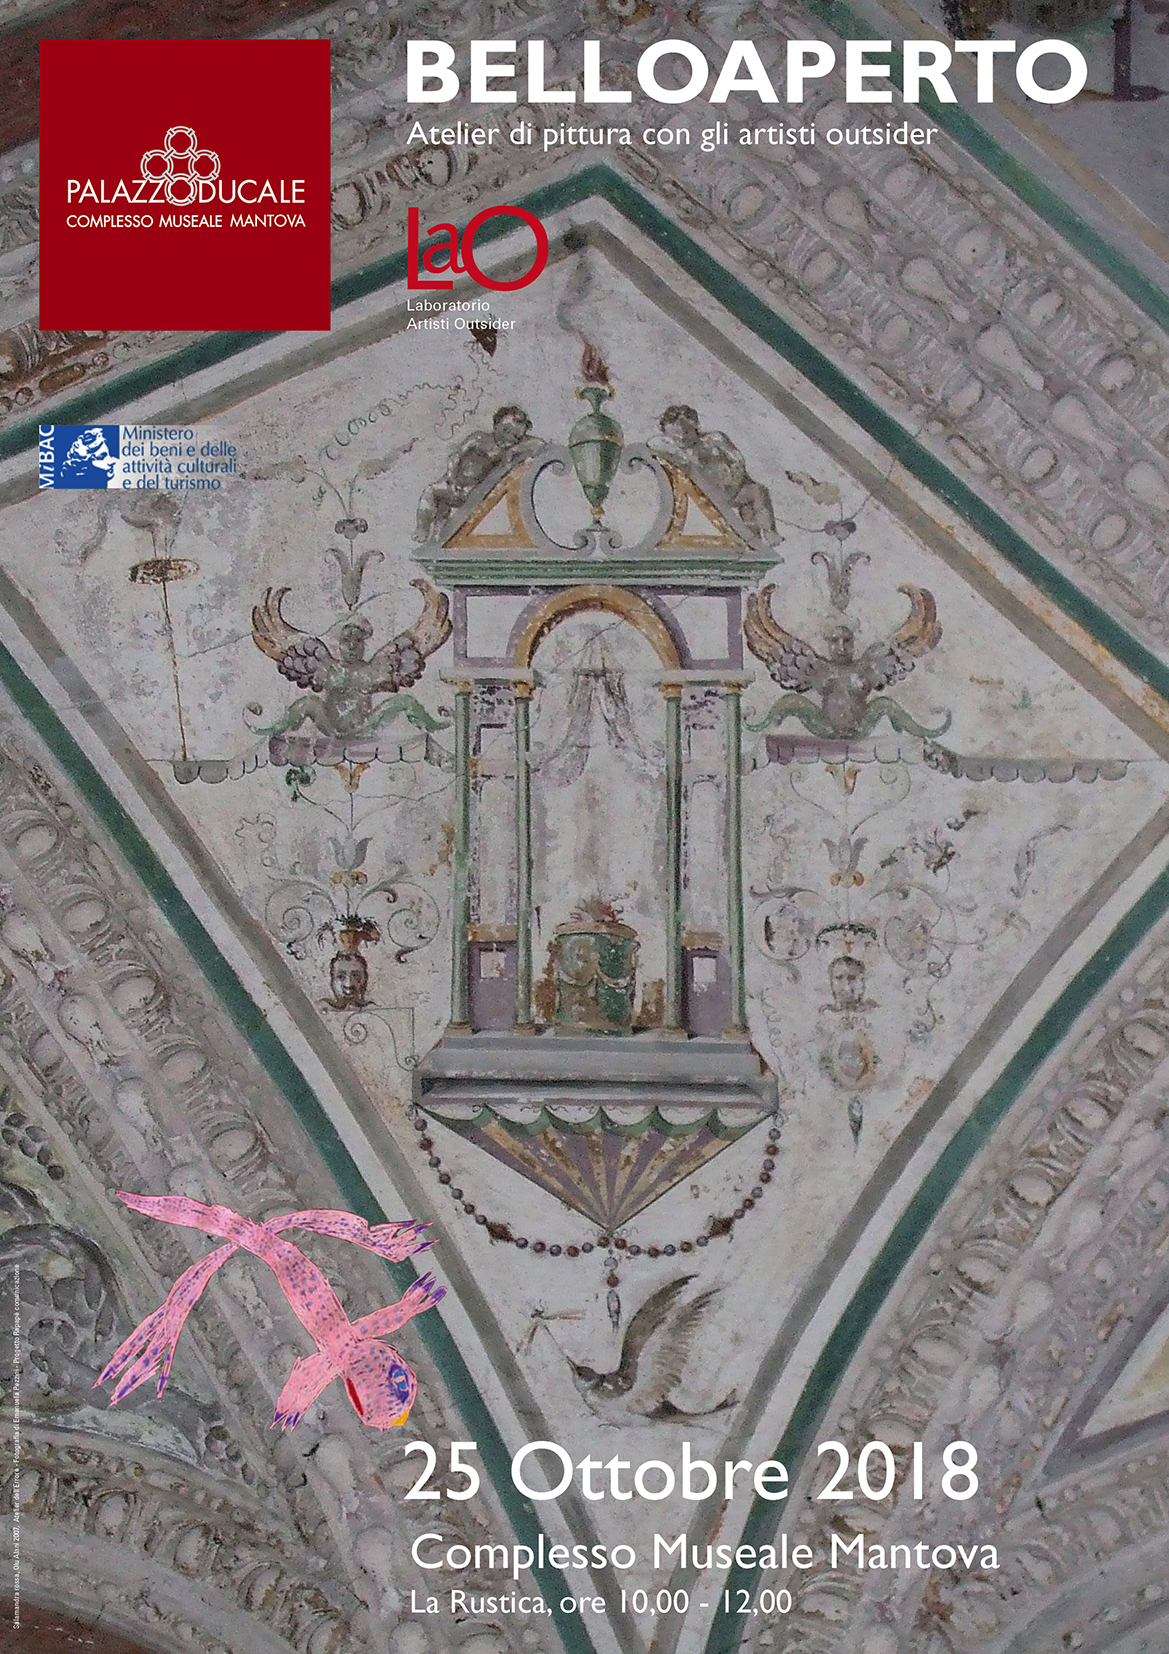 Lao Palazzo Ducale mantova 25.10.2018